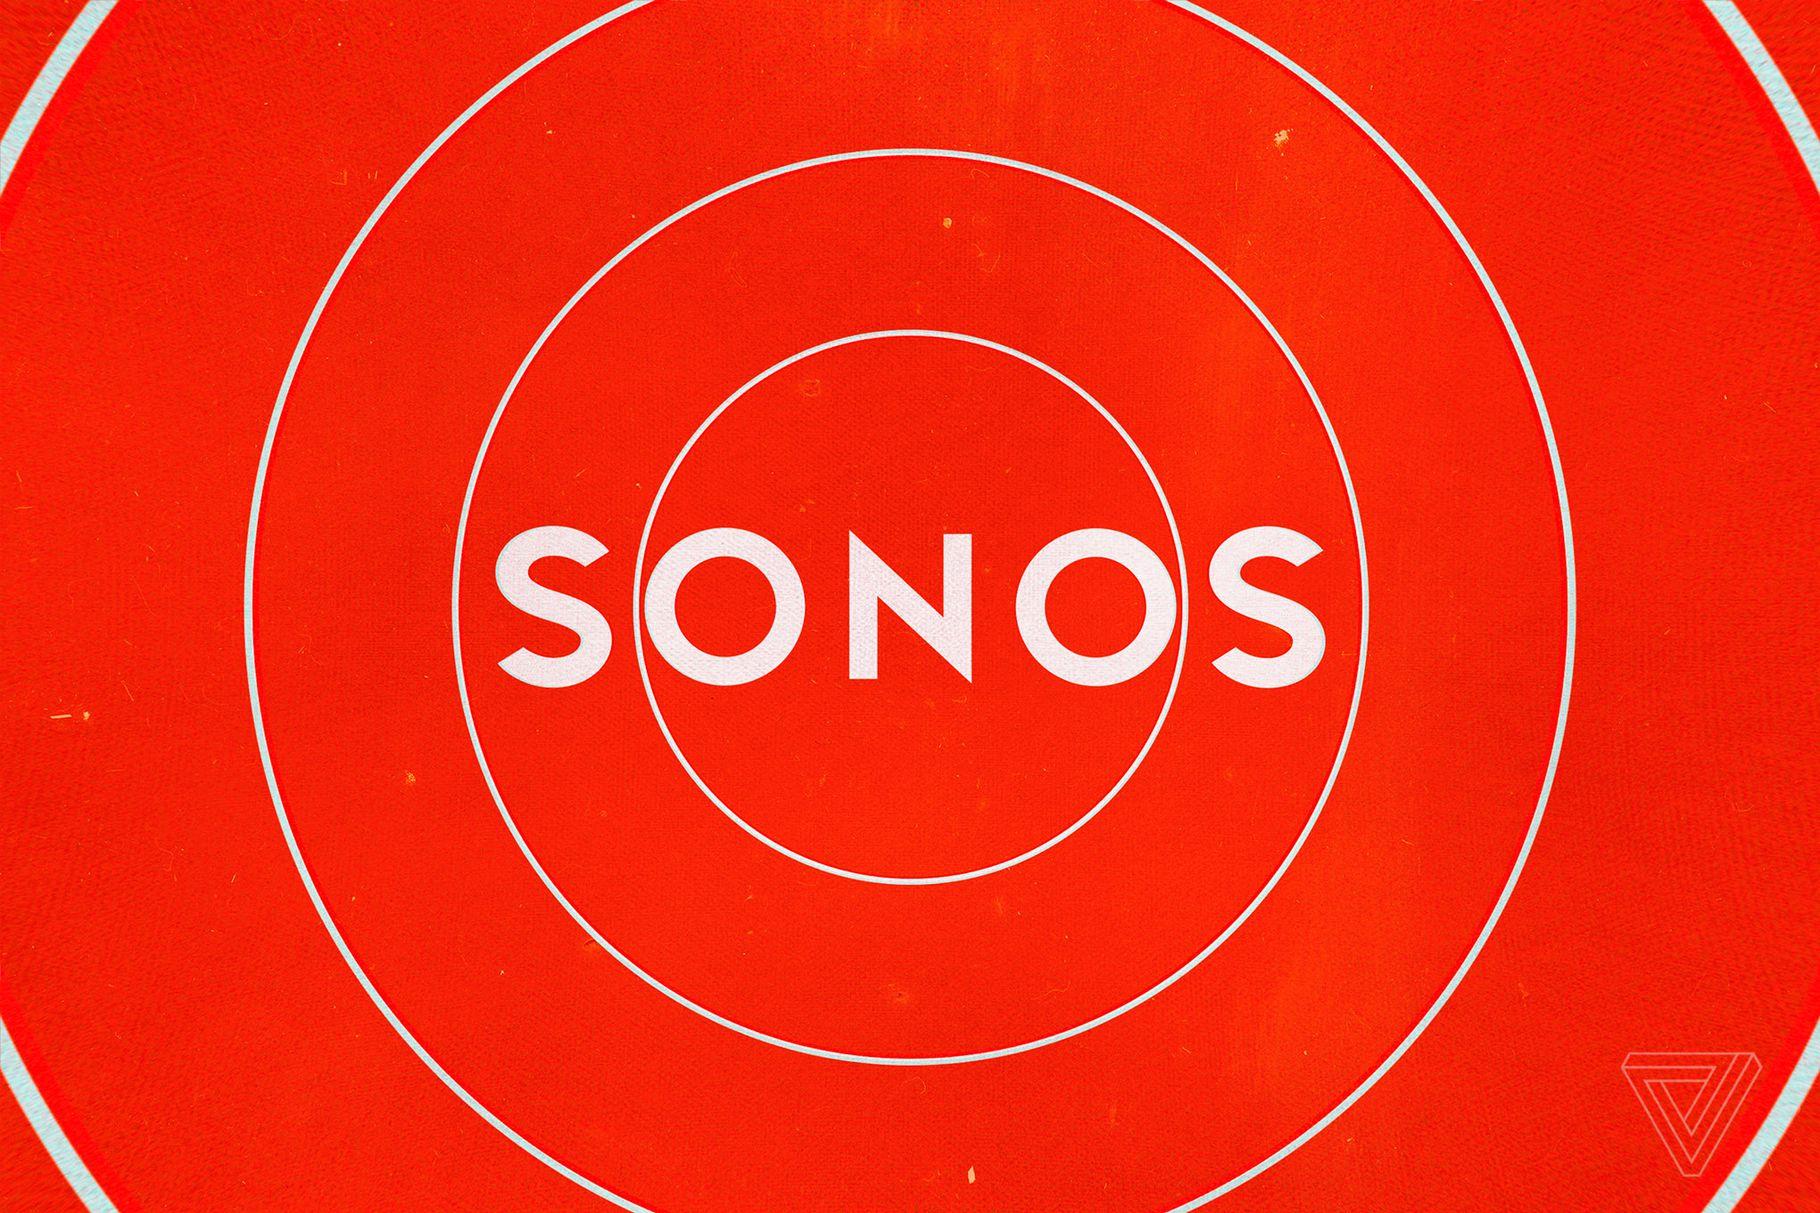 Sonos ukončuje podporu pro nejstarší produkty